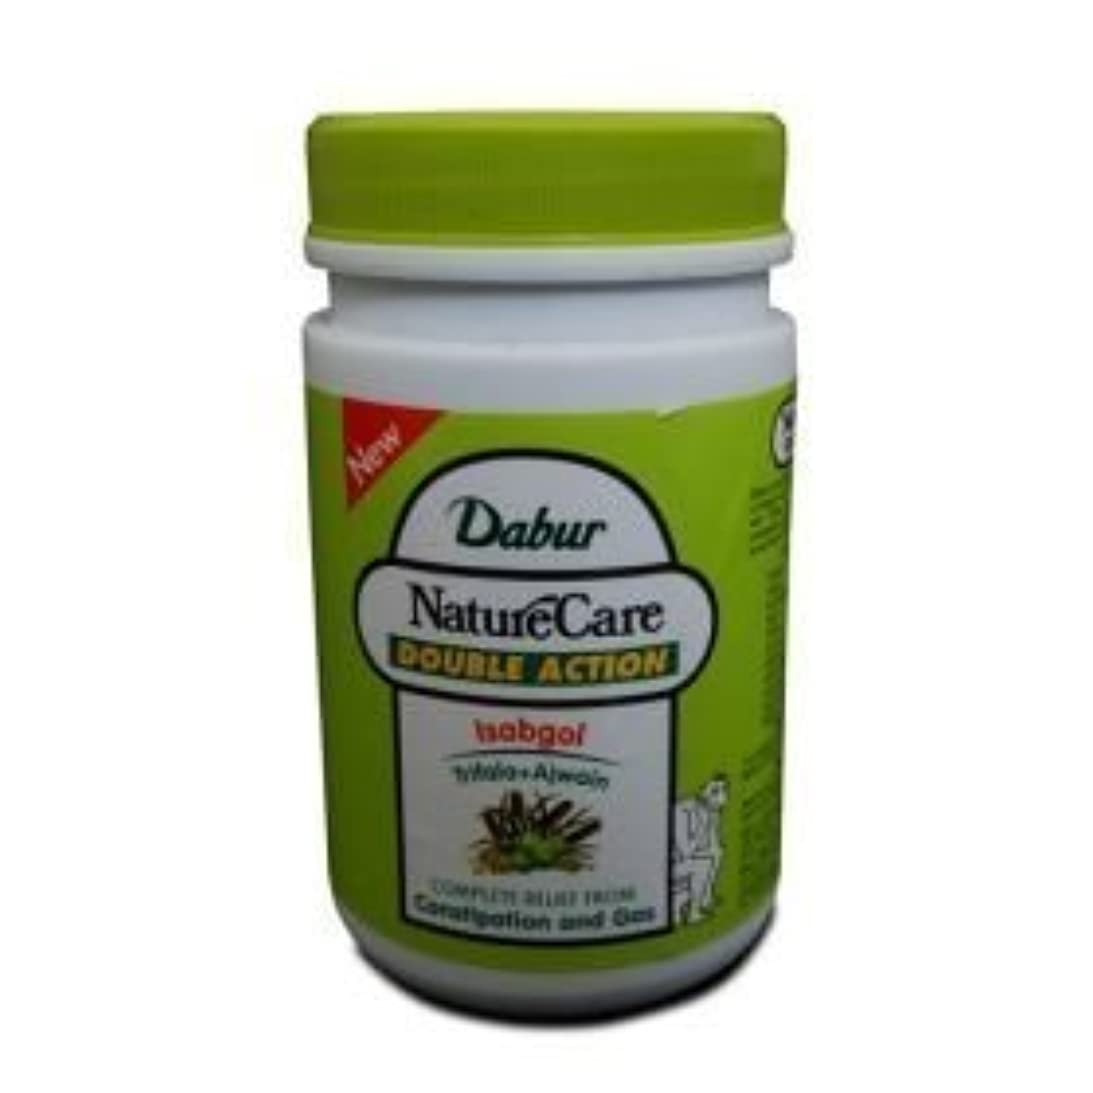 合わせてバンカー方法Dabur Naturecare Double Action Isabgol Husk Effective Relief From Gas,constipation 100 Grams by Dabur [並行輸入品]